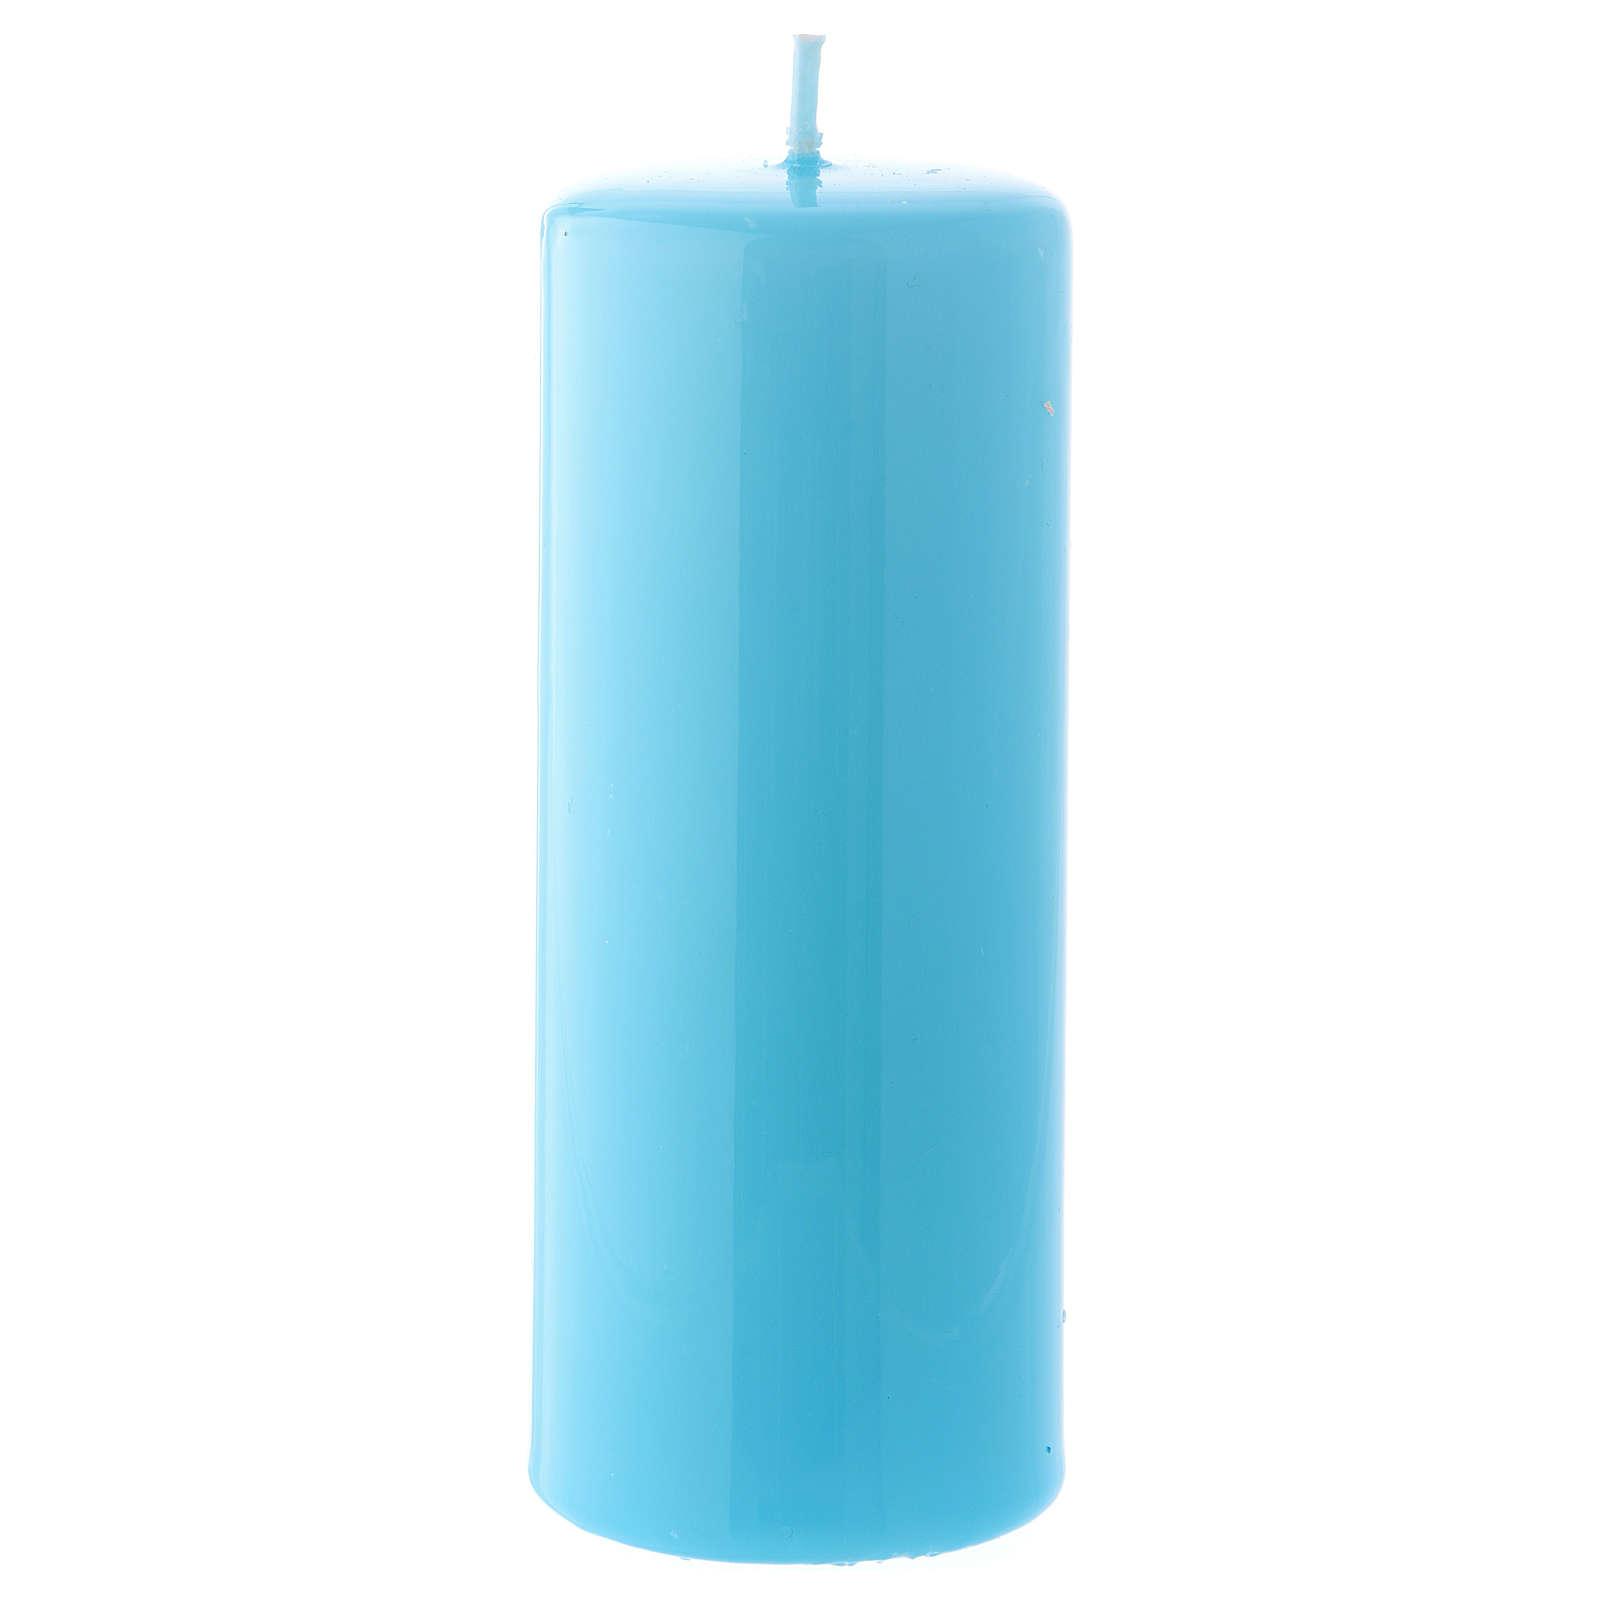 Bougie bleue claire Brillante Ceralacca 5x13 cm 3